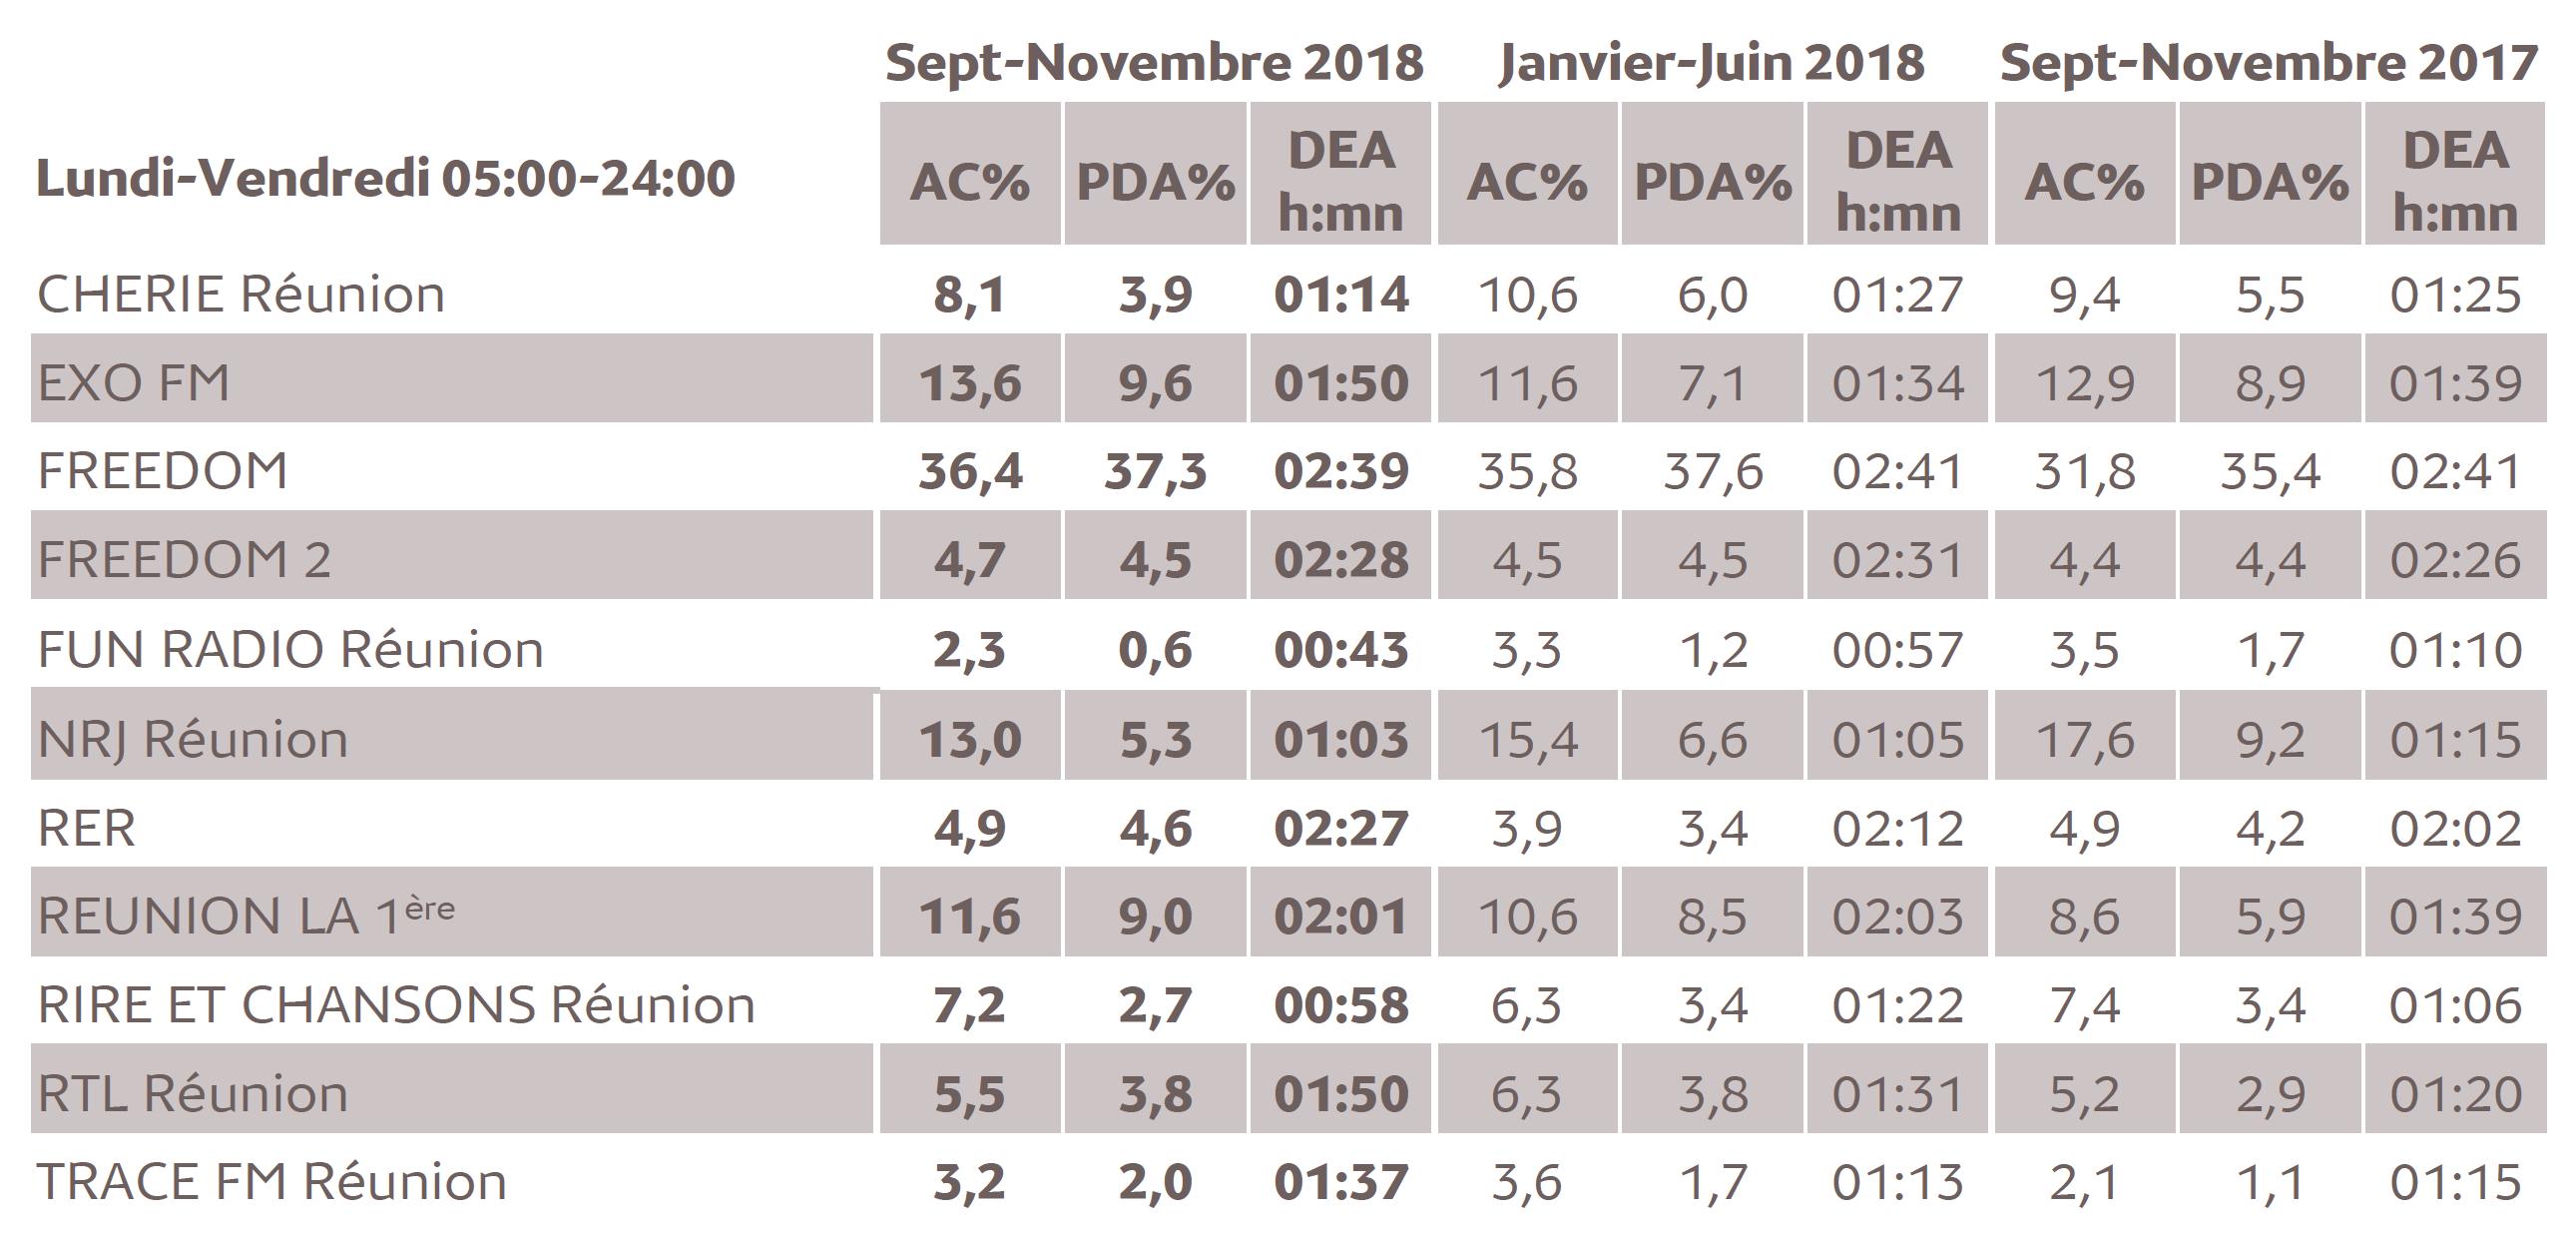 Source : Médiamétrie - Métridom Réunion Septembre-Novembre 2018 - 13 ans et plus - Copyright Médiamétrie - Tous droits réservés